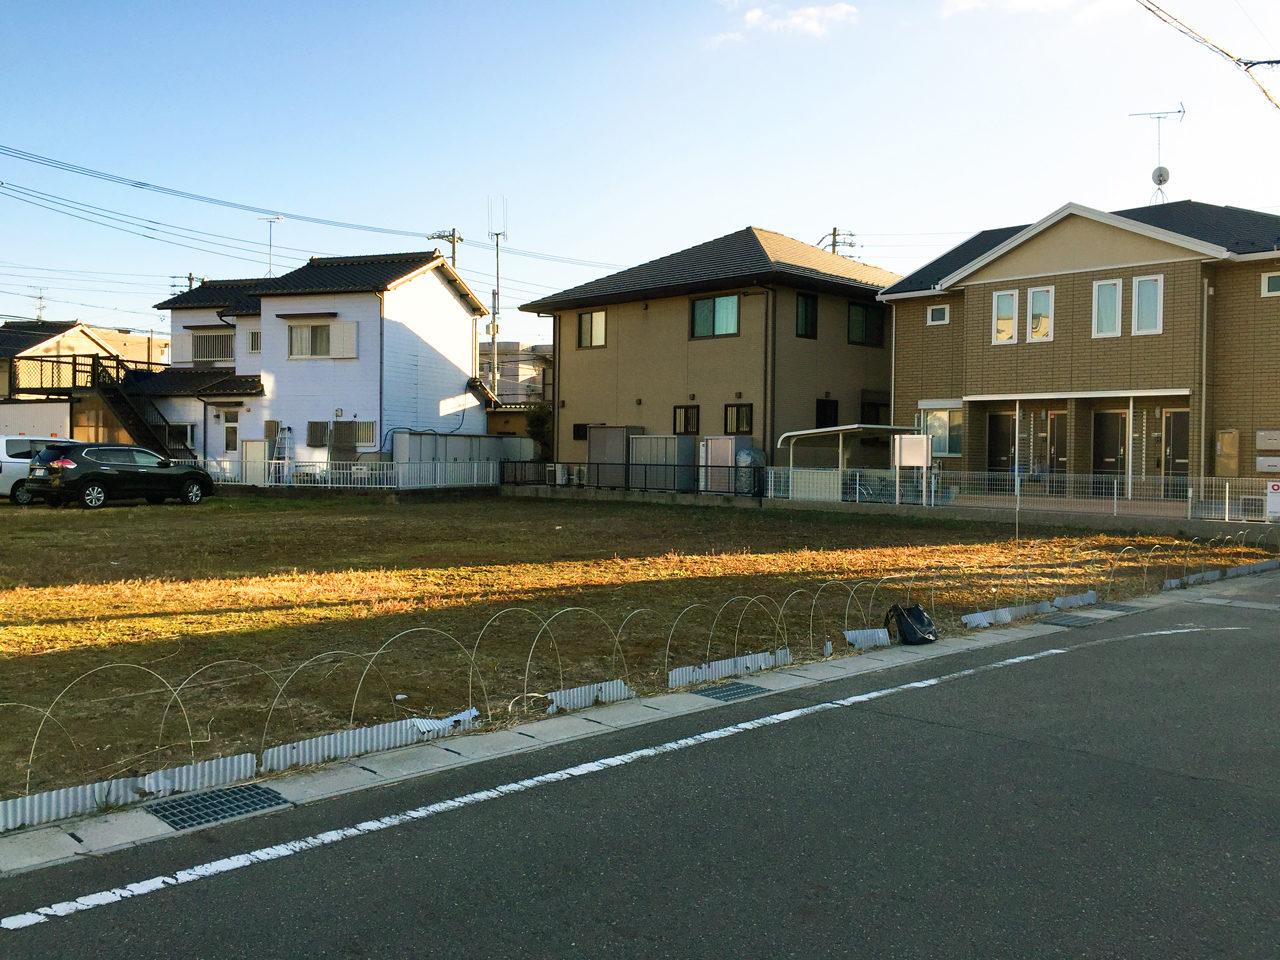 設計・デザインをする店舗(鍼灸接骨院)付き住宅の敷地調査全景